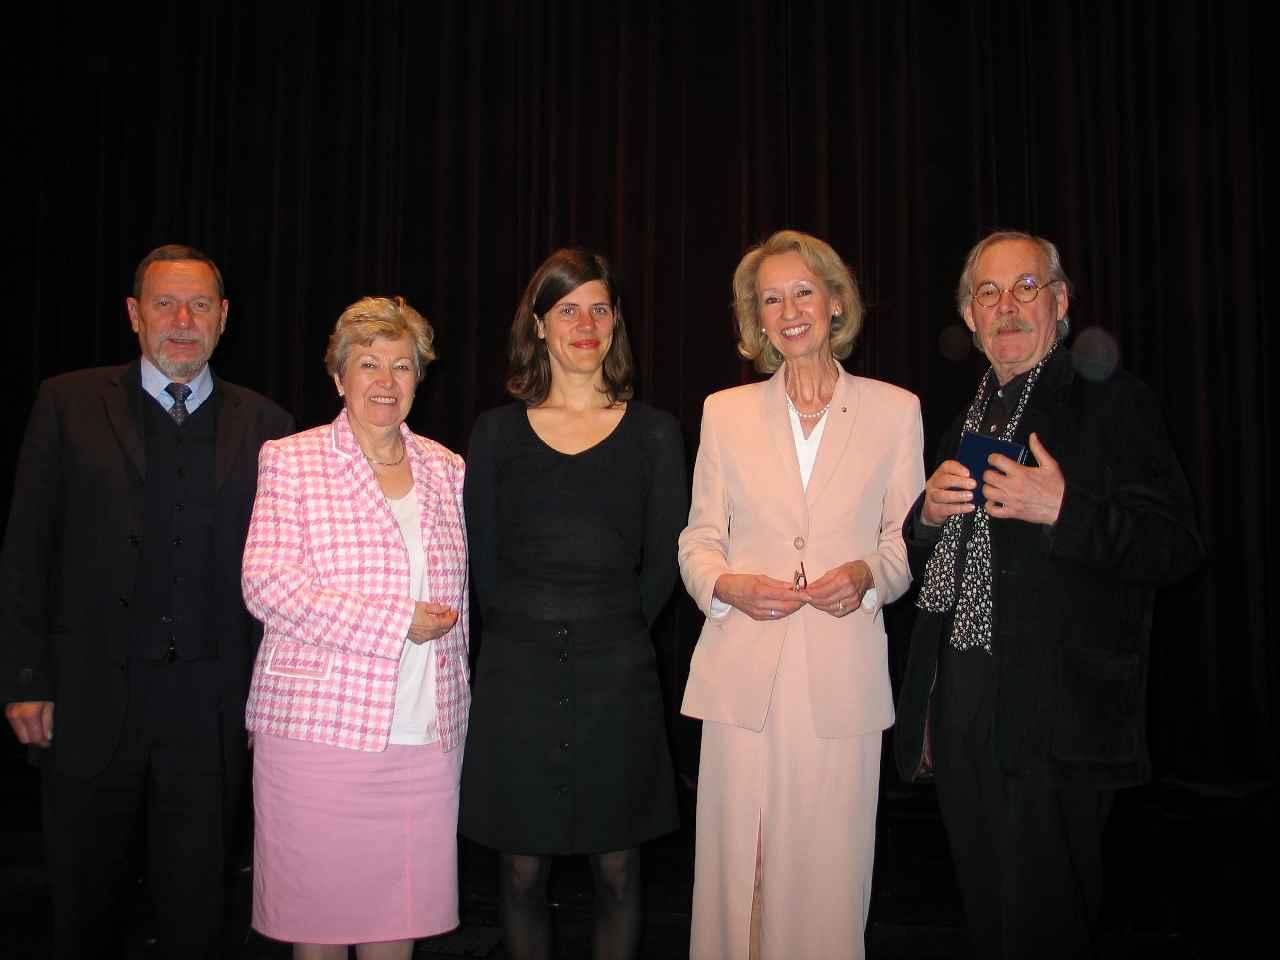 Gruppenbild von der Preisverleihung 2005